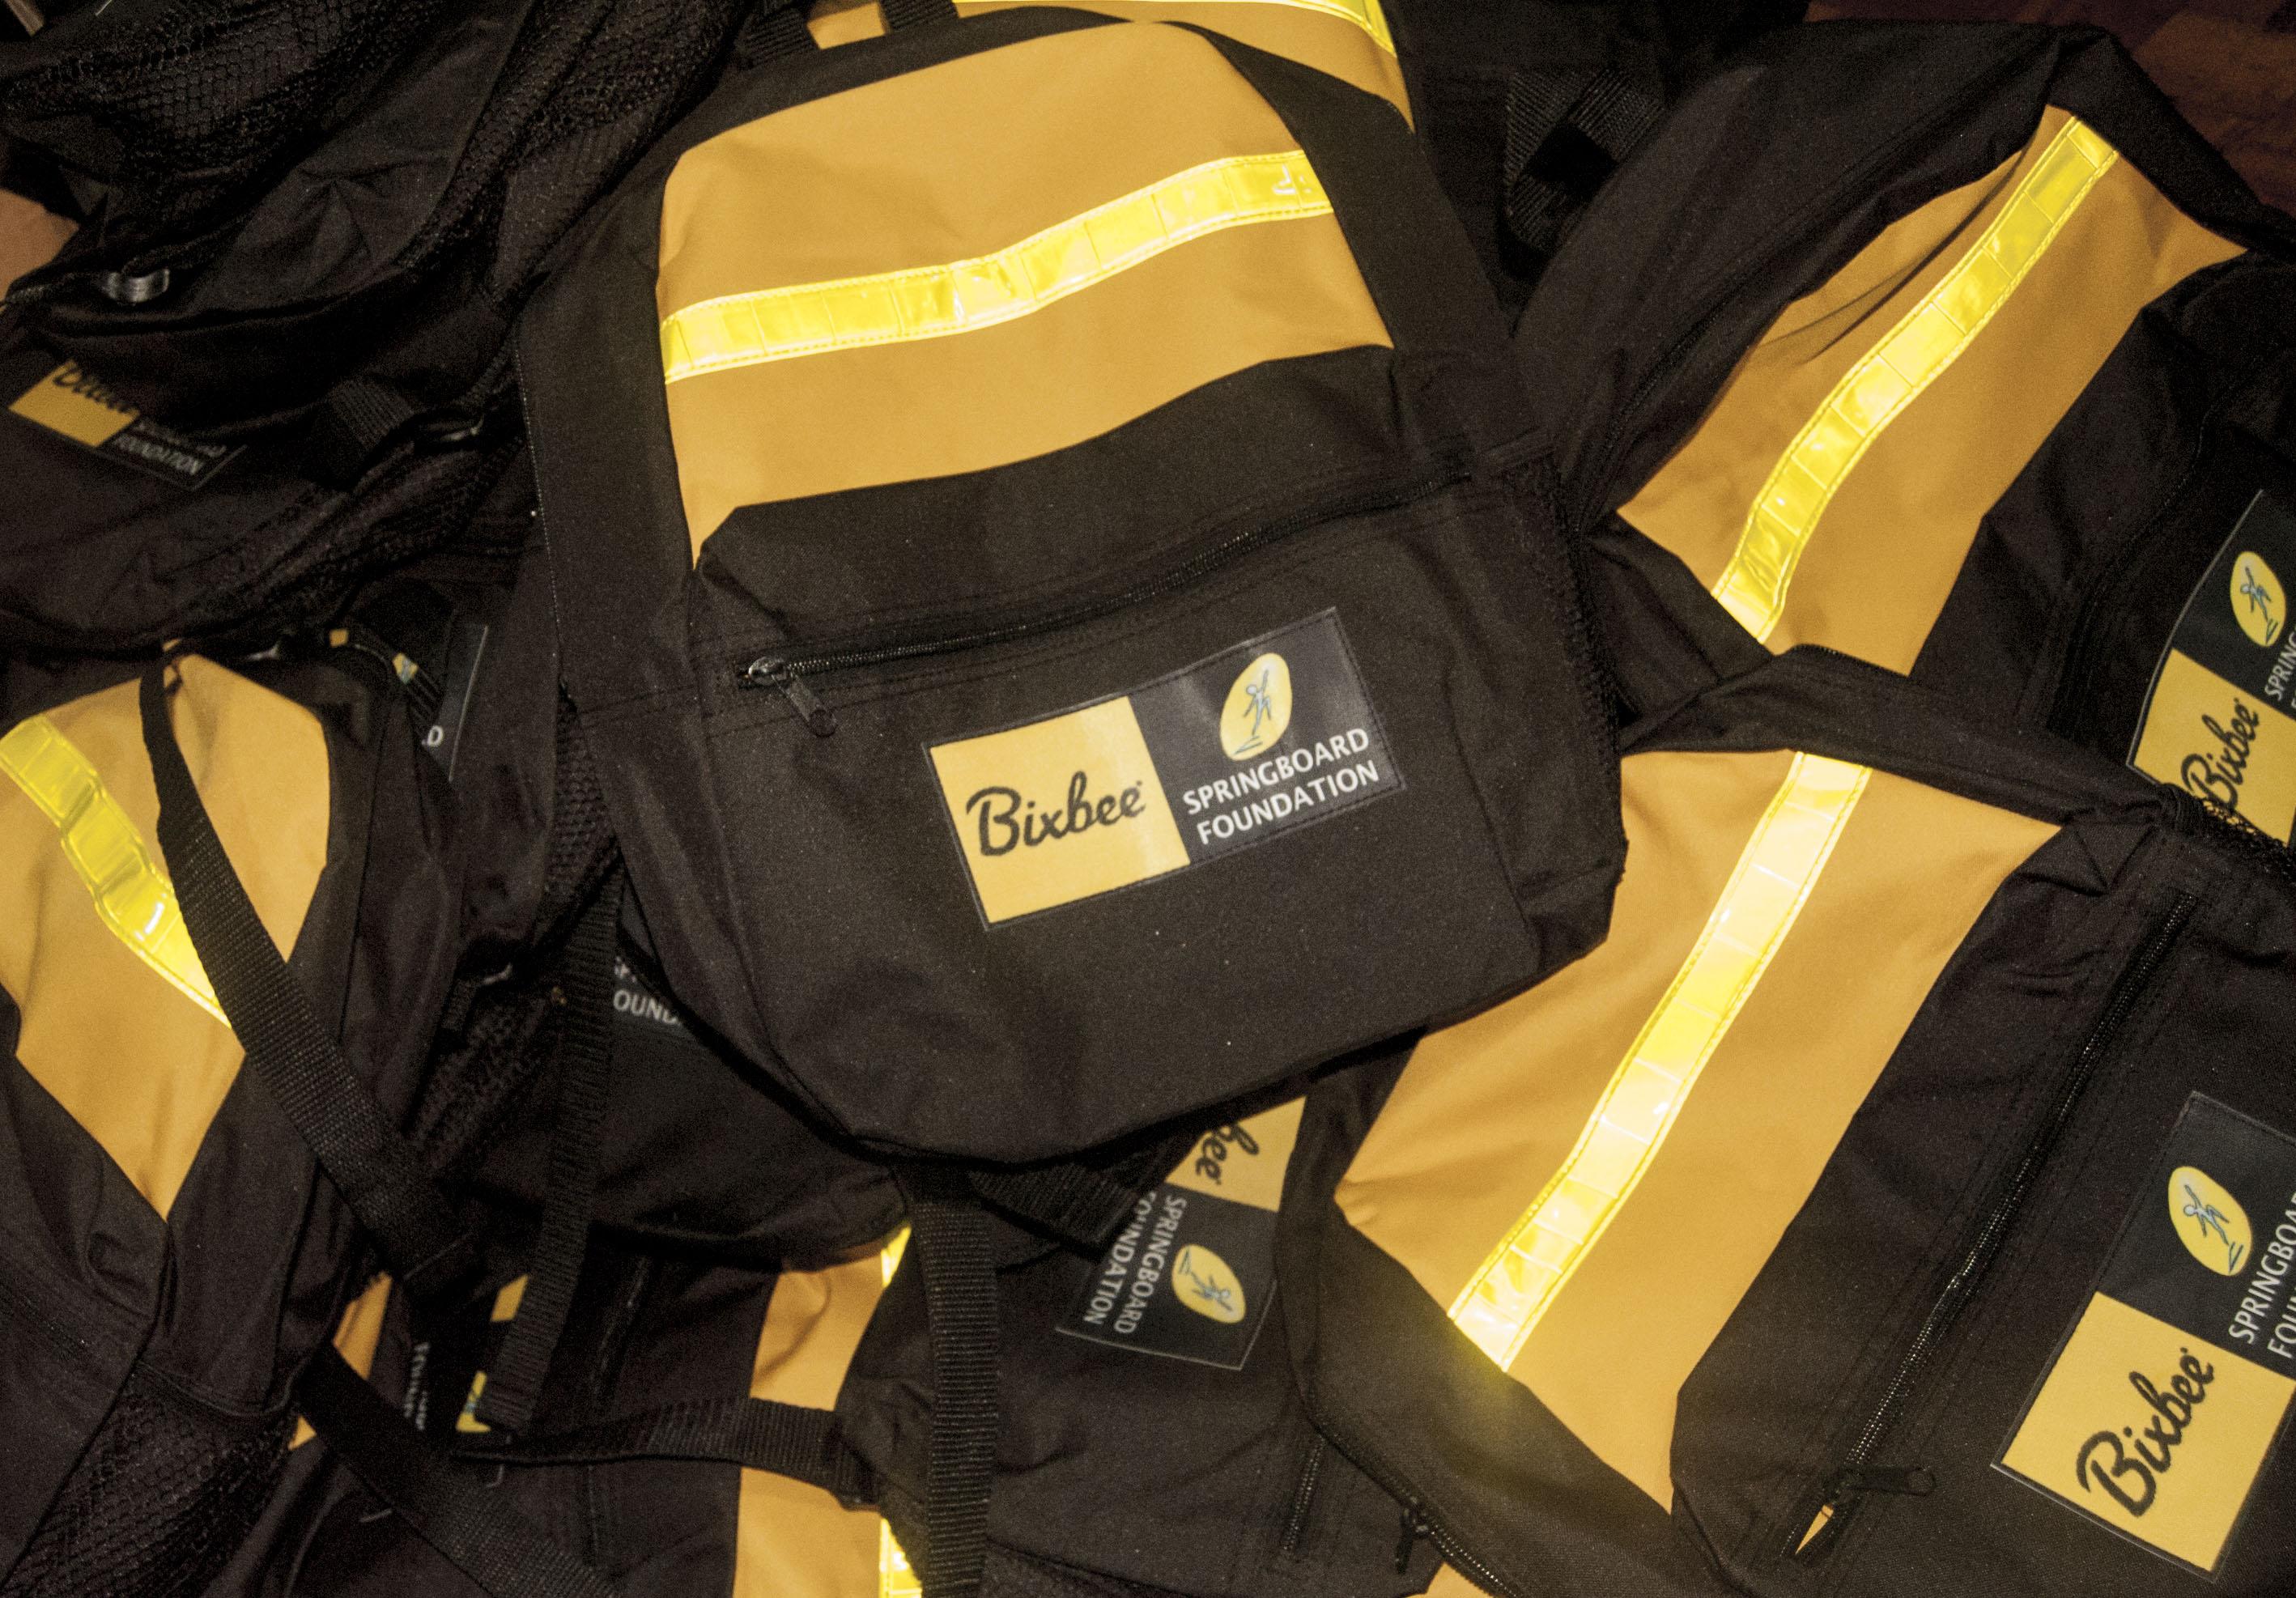 Bixbee Bags